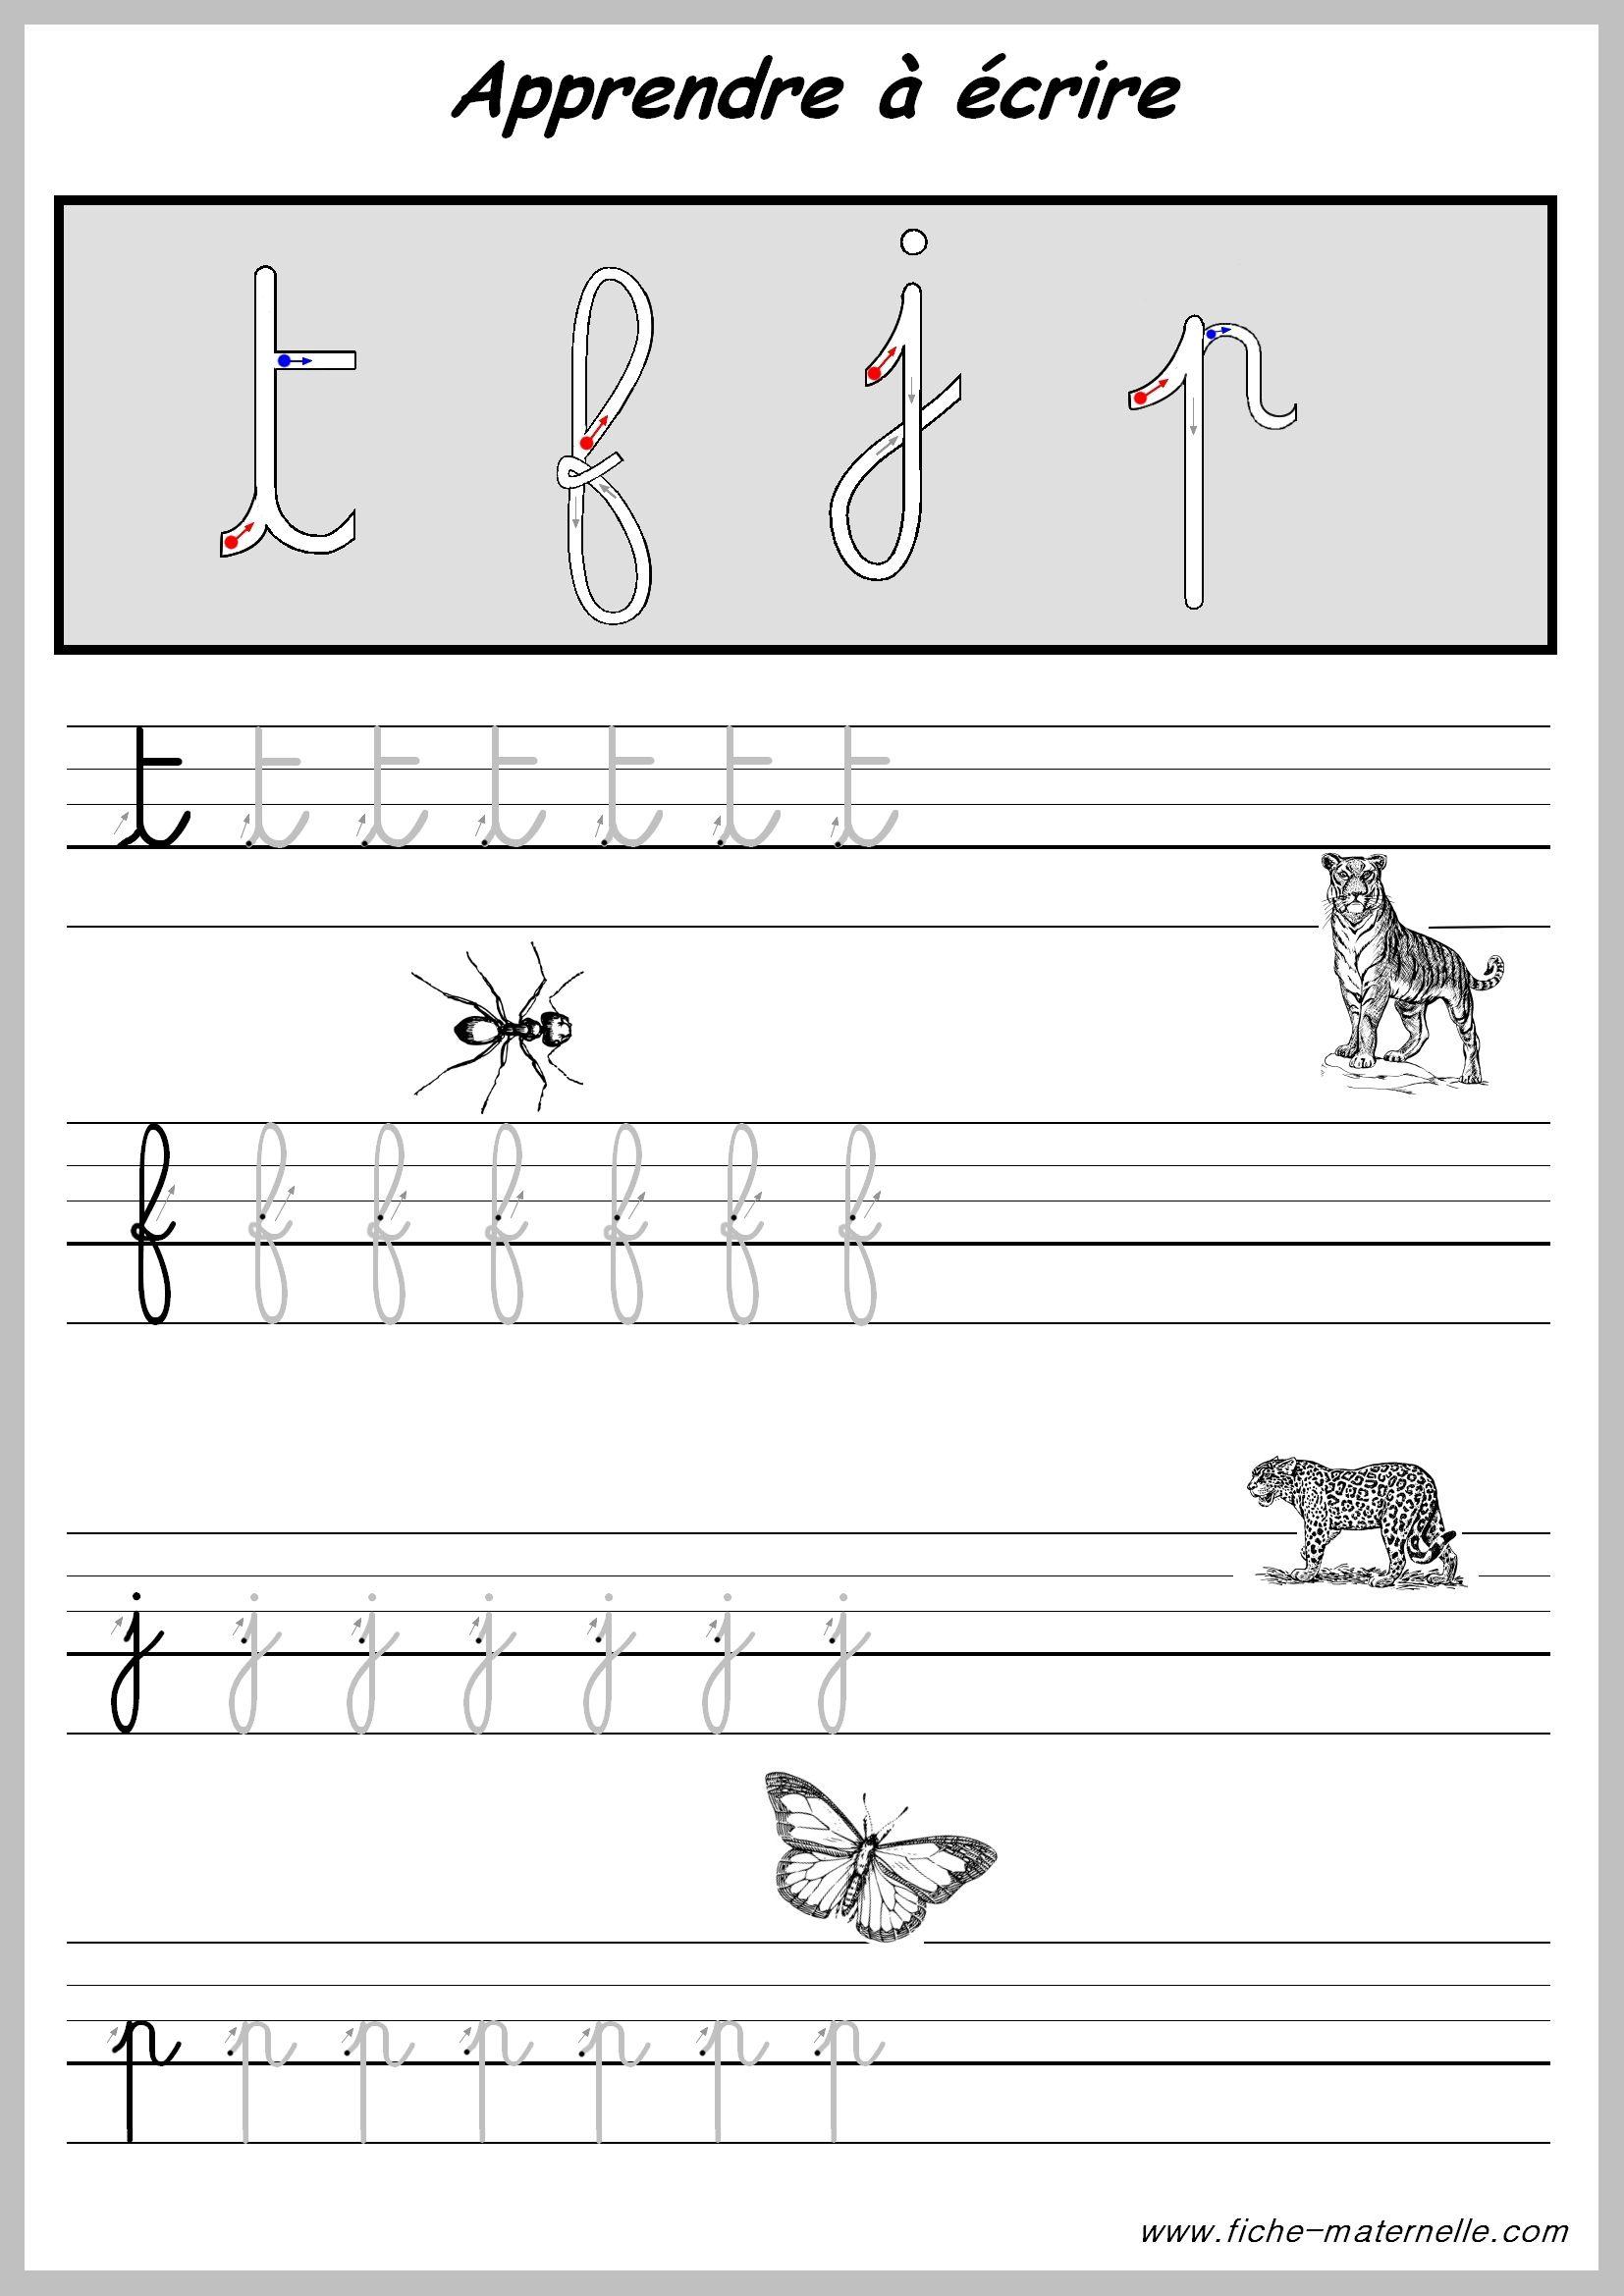 Exercices Pour Apprendre A Ecrire Les Lettres. | Écrire En avec Exercice Pour Apprendre A Lire